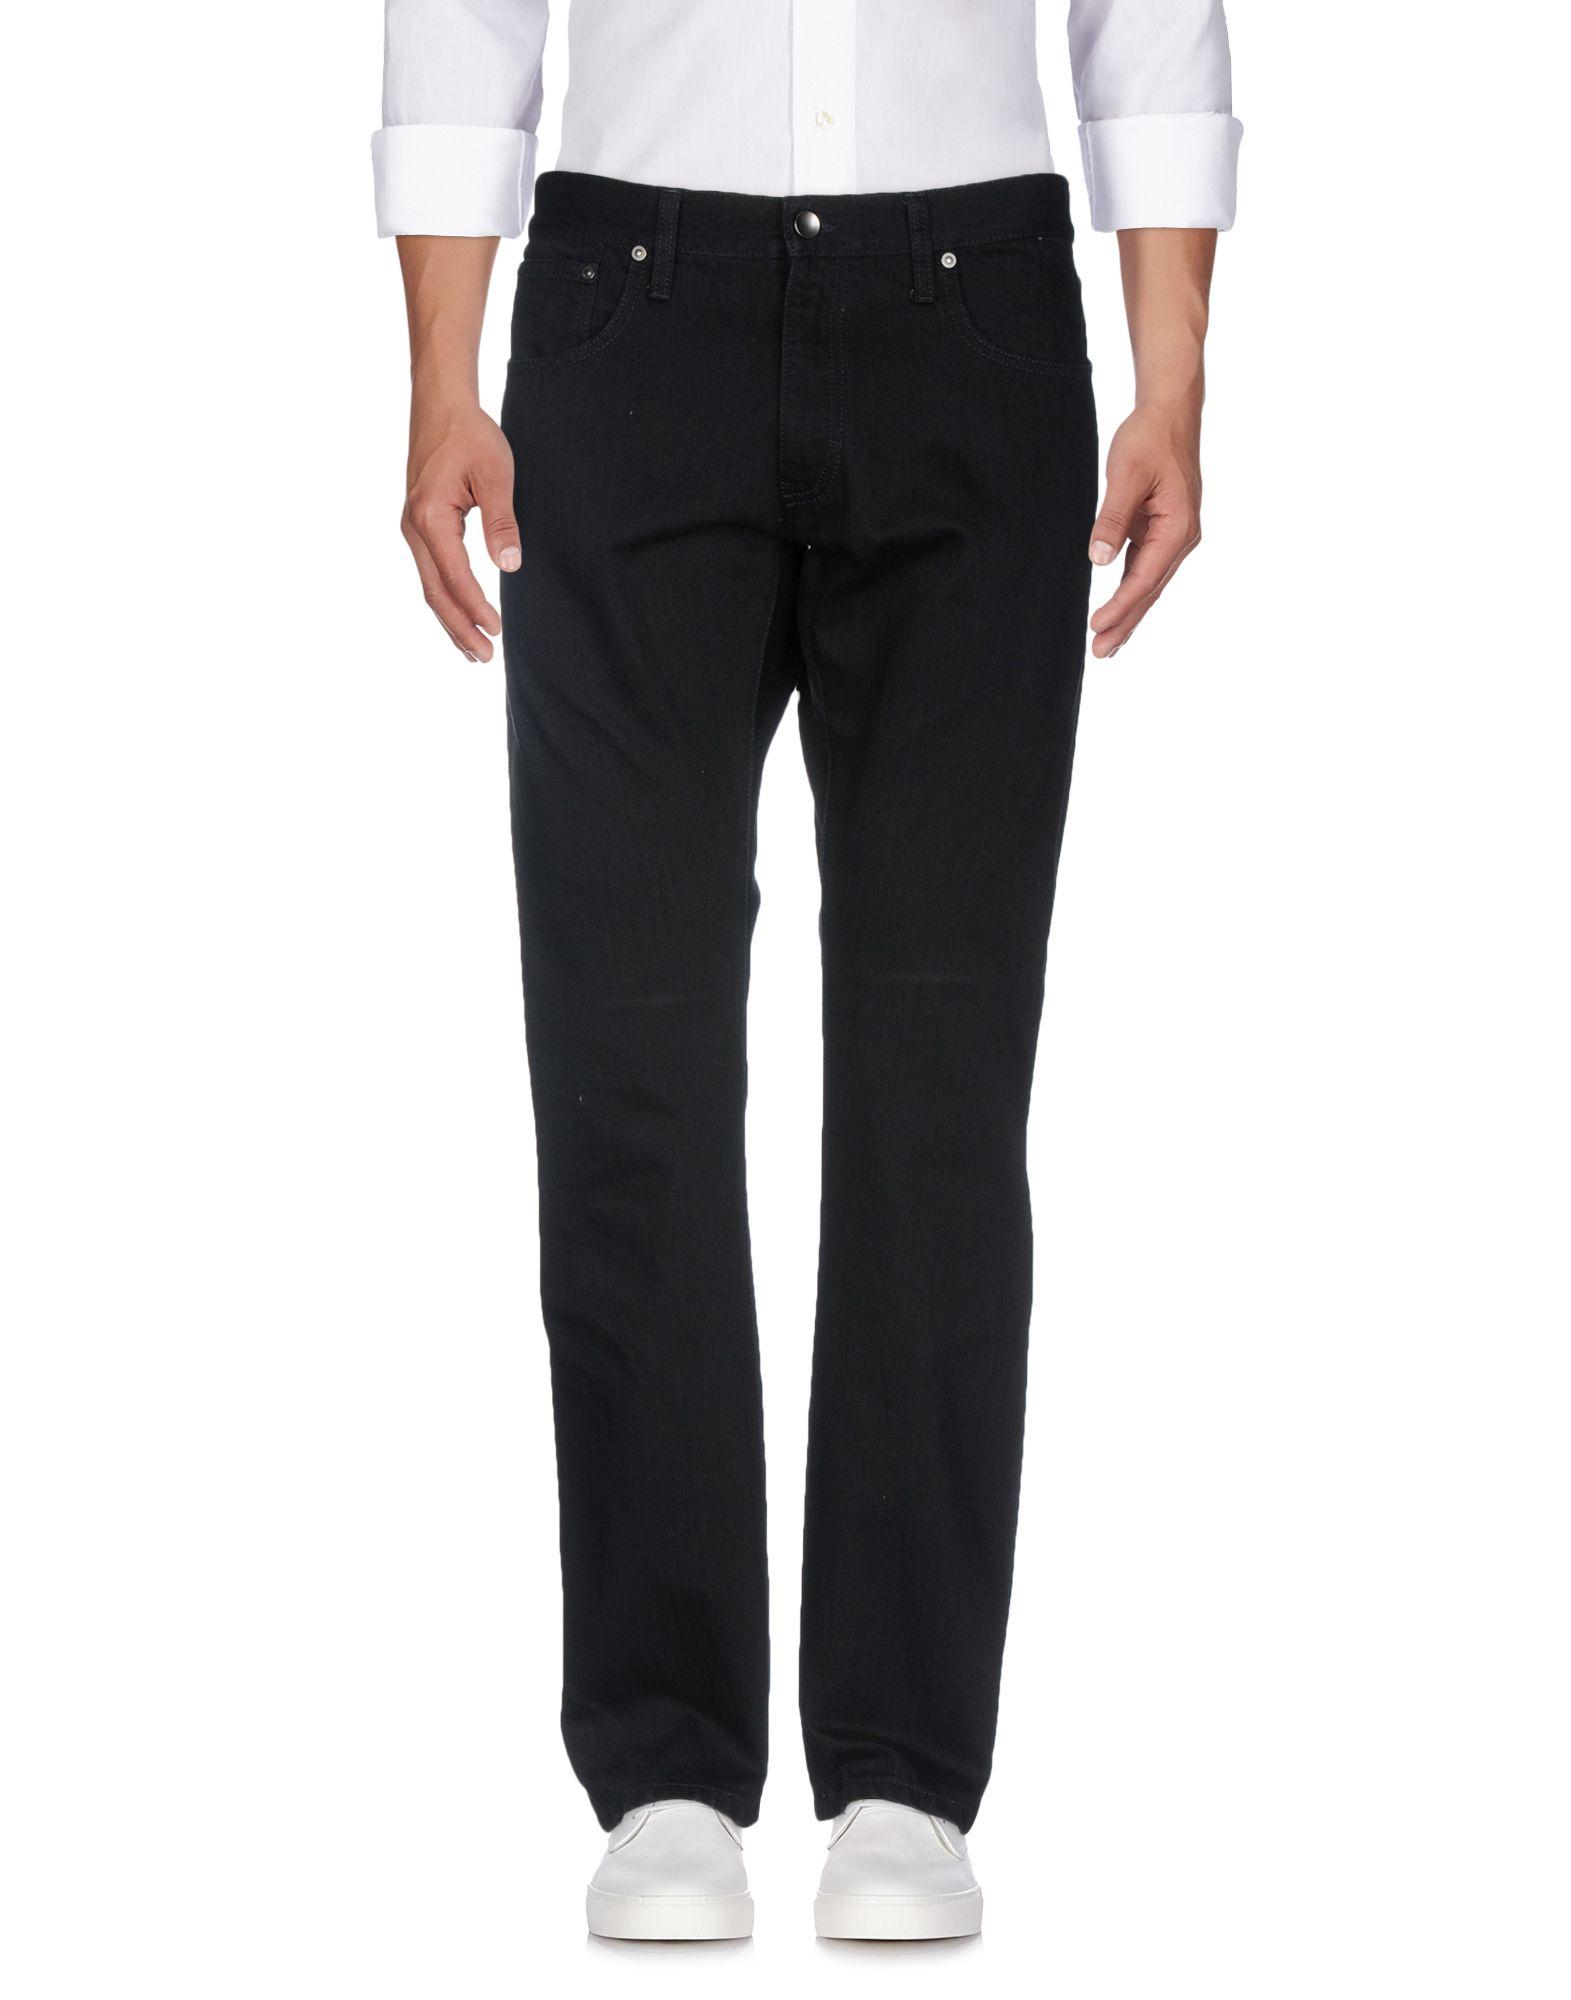 Pantaloni Jeans Giorgio Armani Donna - Acquista online su